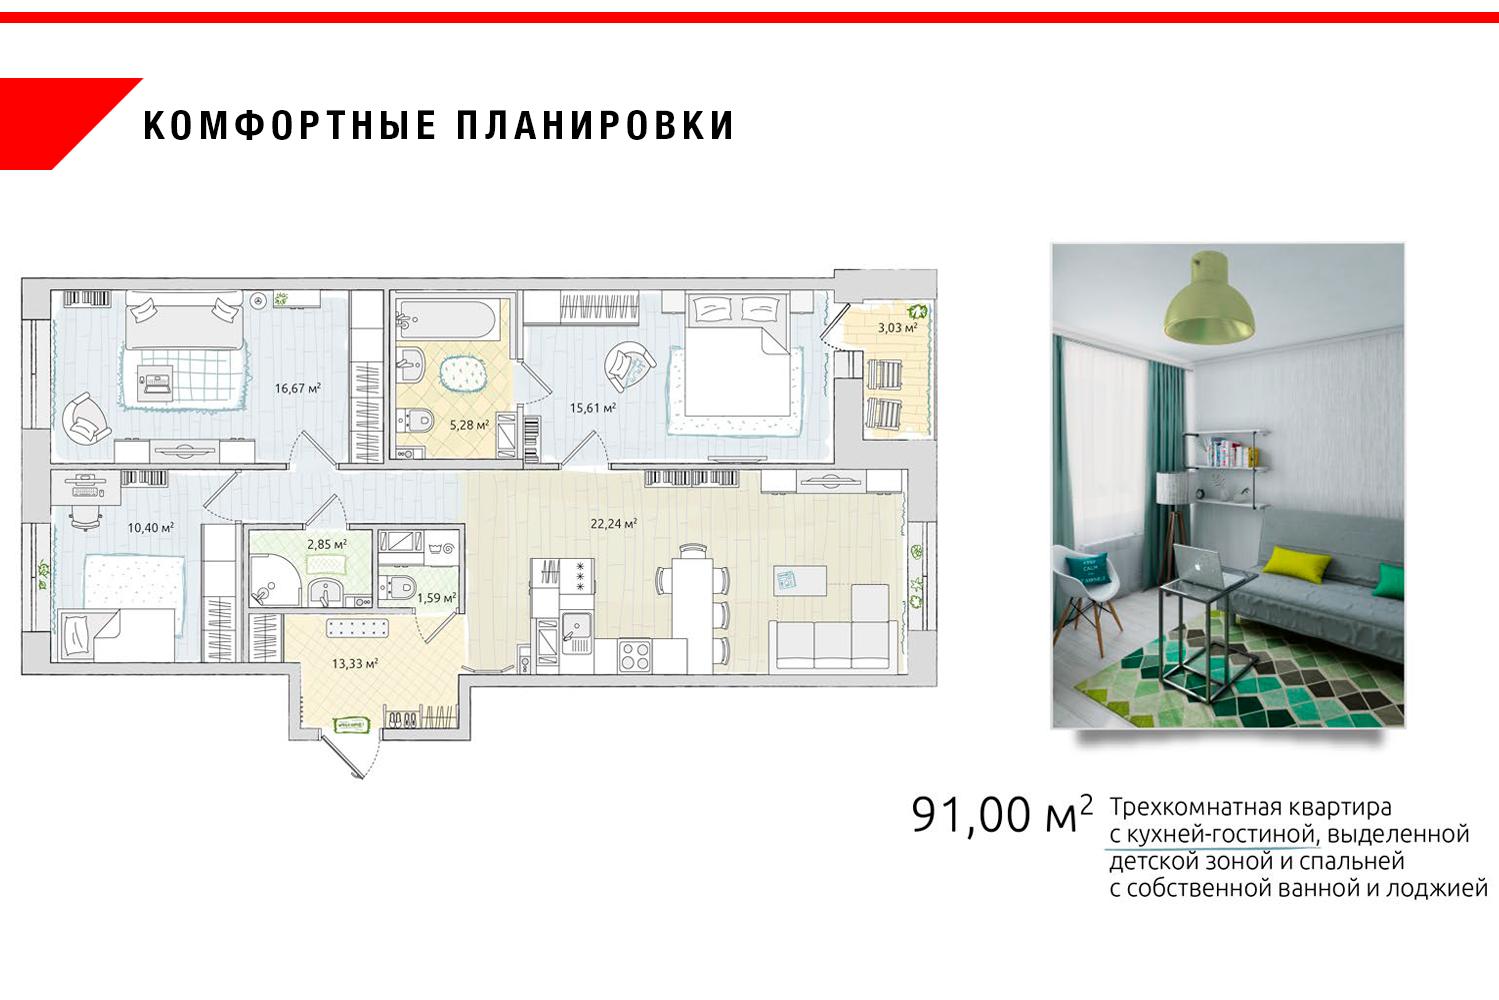 chernaya_rechka_27.png